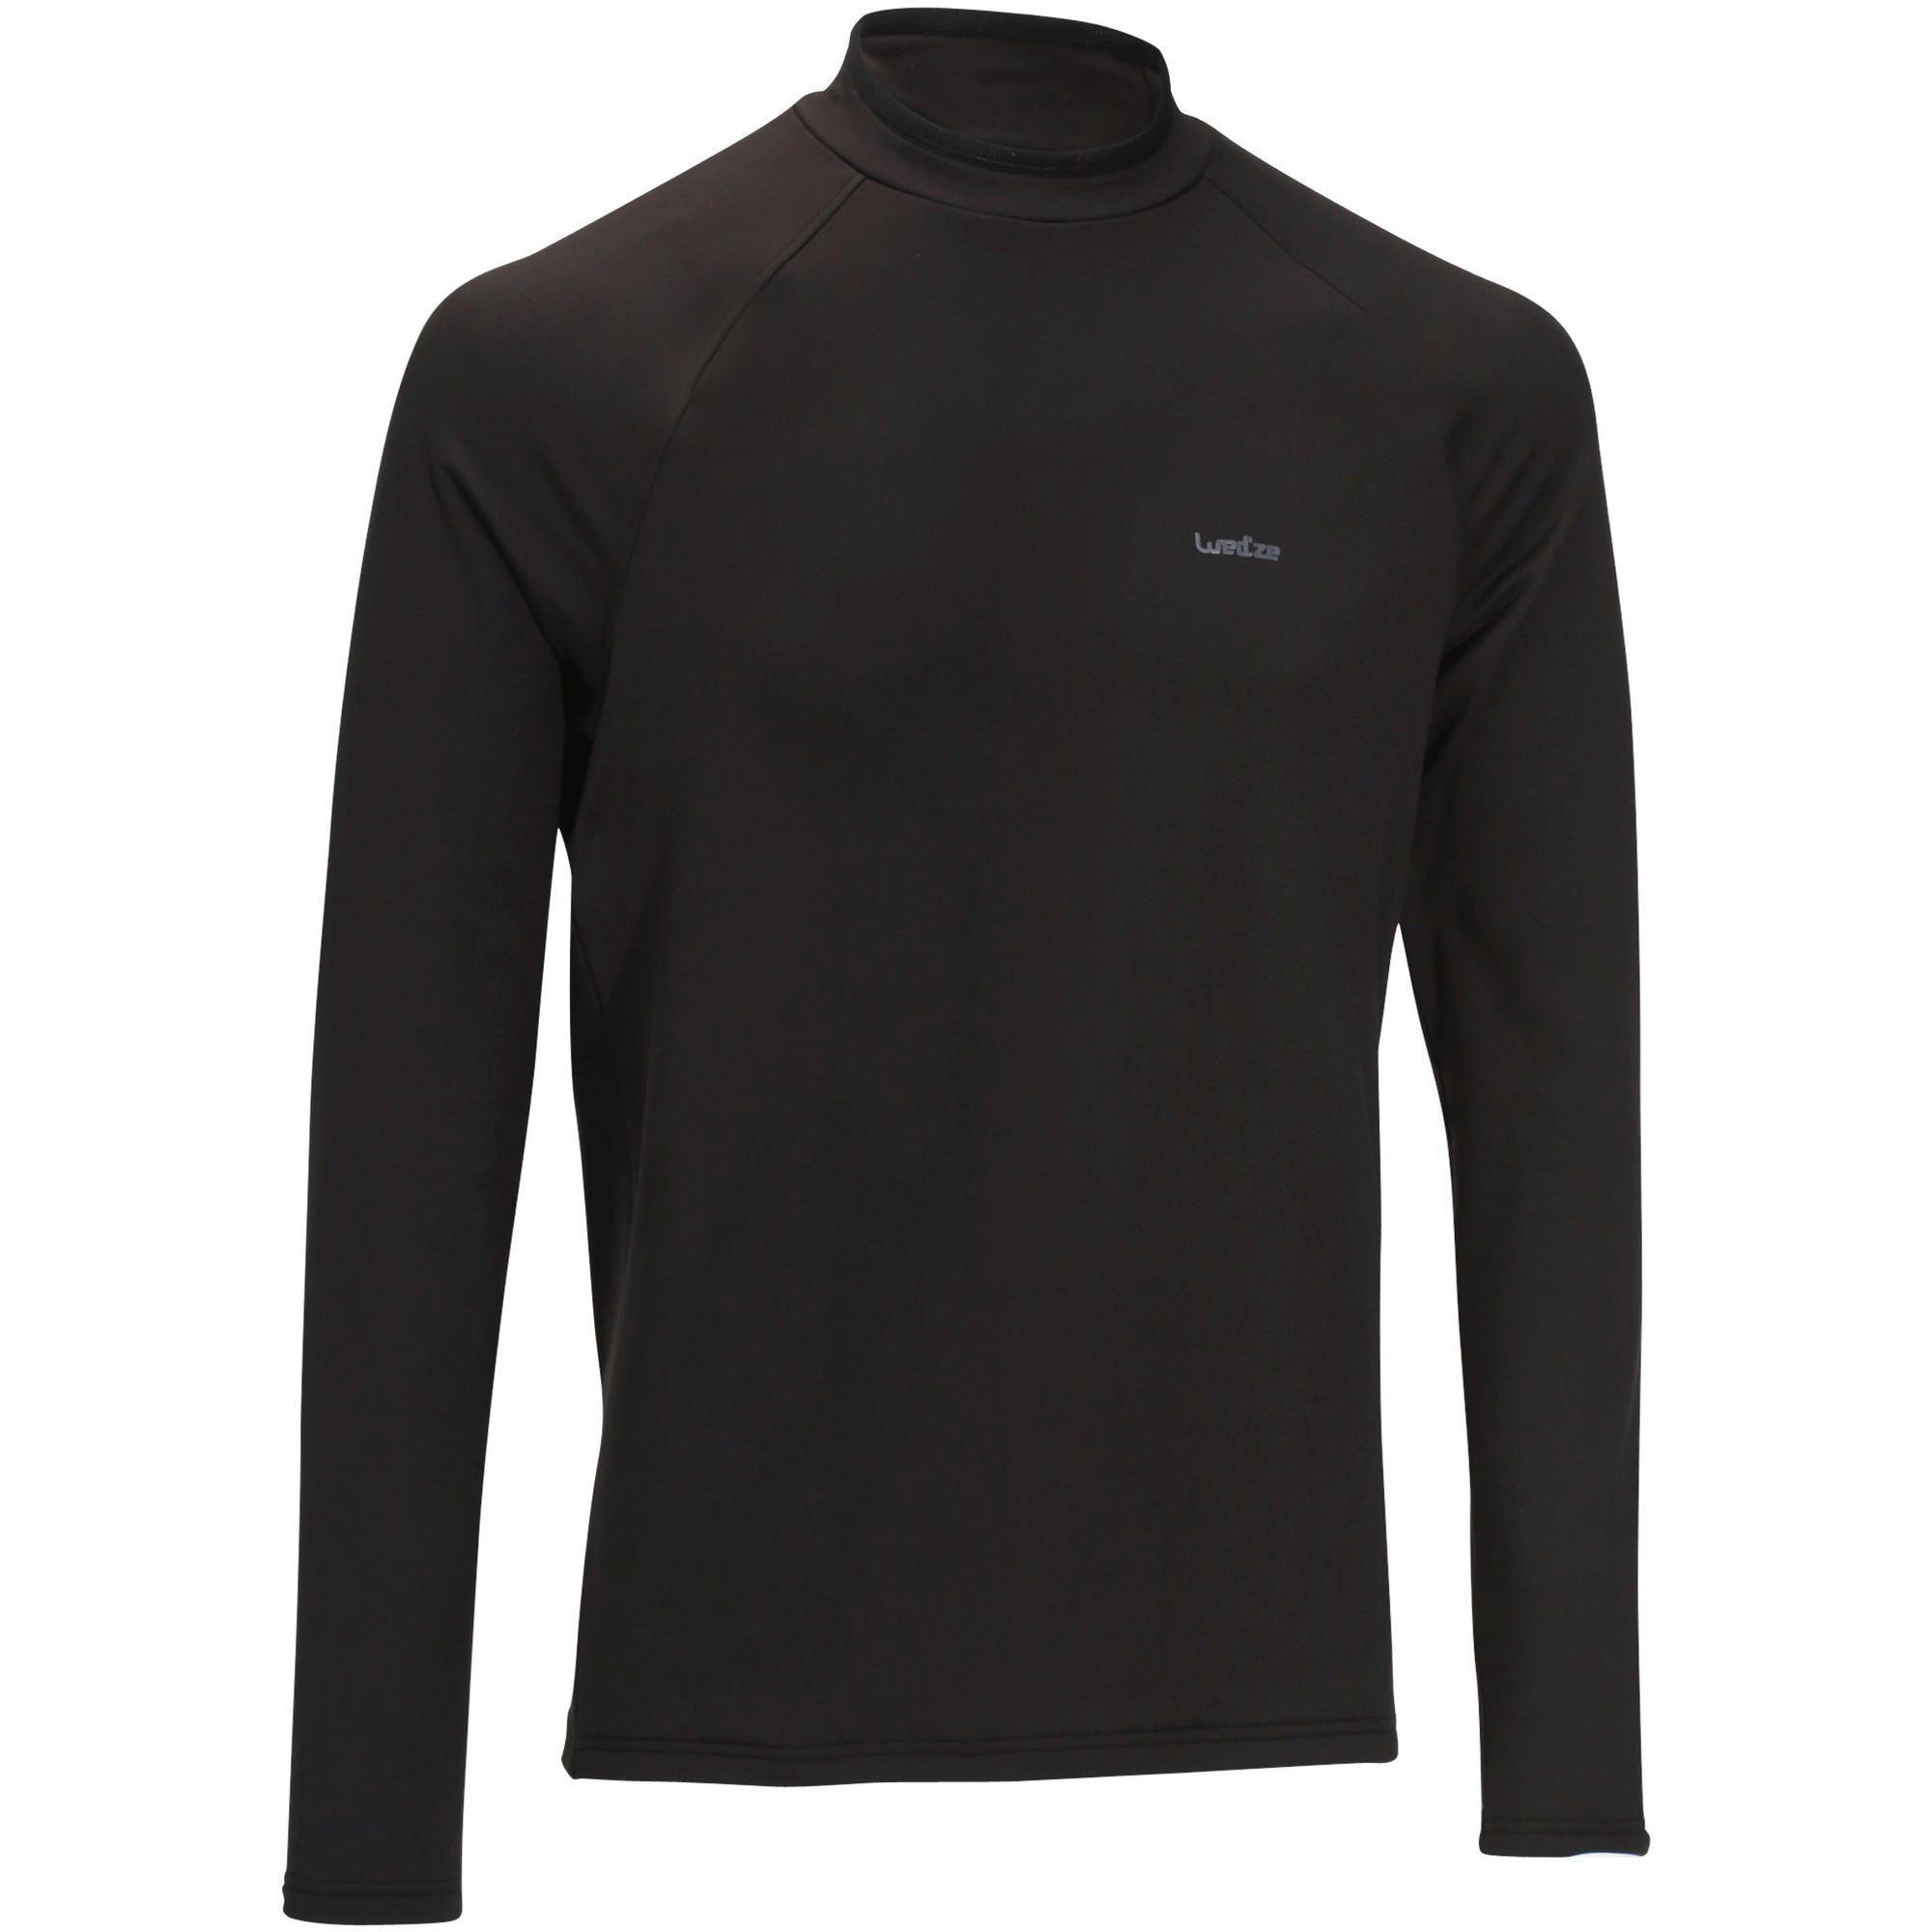 Skiunterhemd Freshwarm Herren schwarz | Sportbekleidung > Funktionswäsche > Thermounterwäsche | Wed'ze